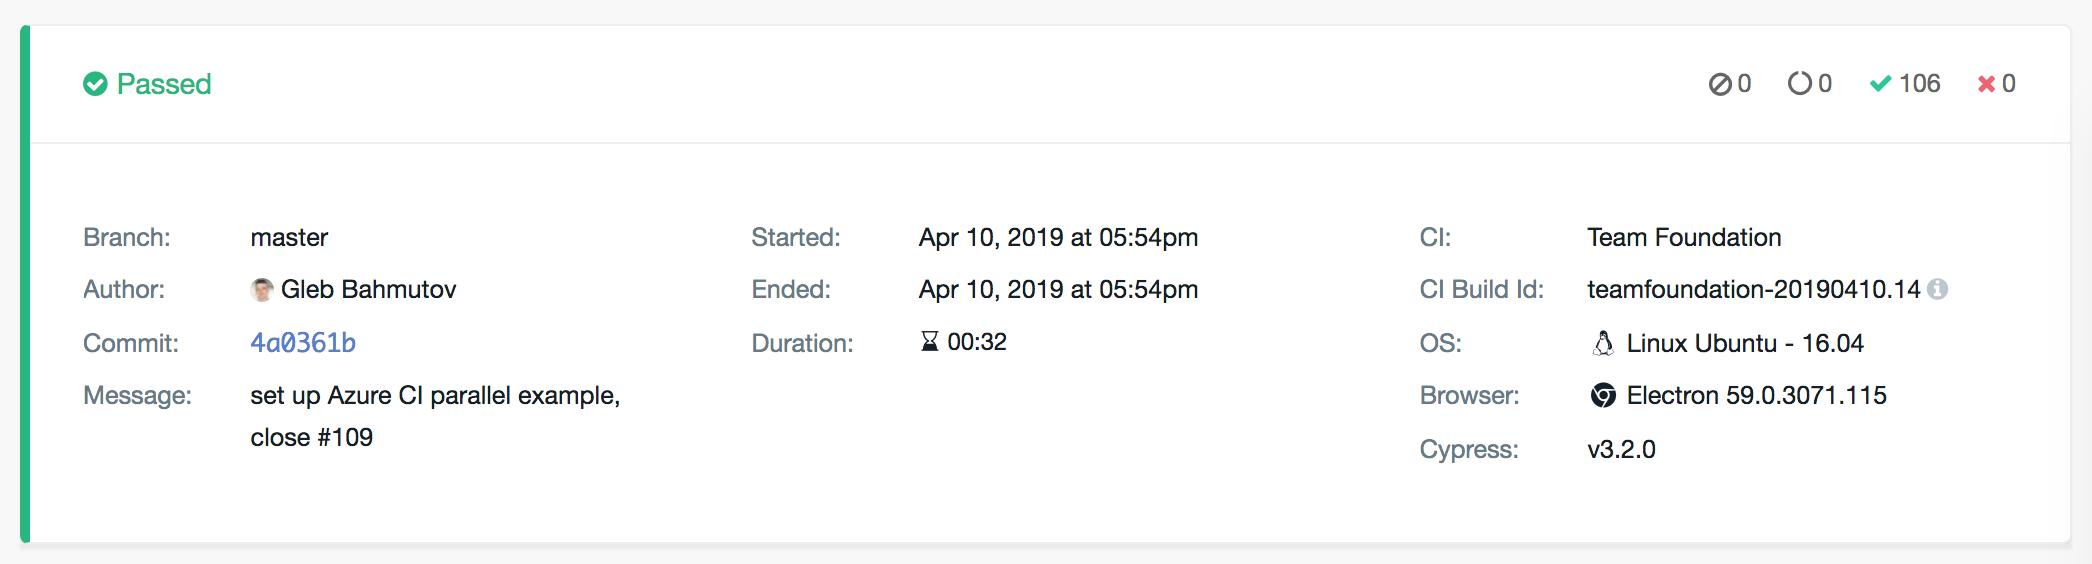 Screen Shot 2019-04-10 at 9 43 27 PM